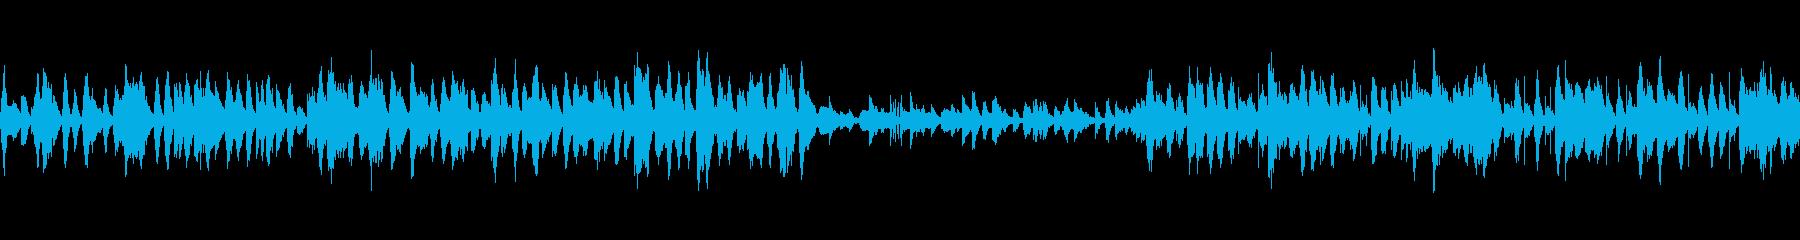 イージーリスニング オーケストラ ...の再生済みの波形